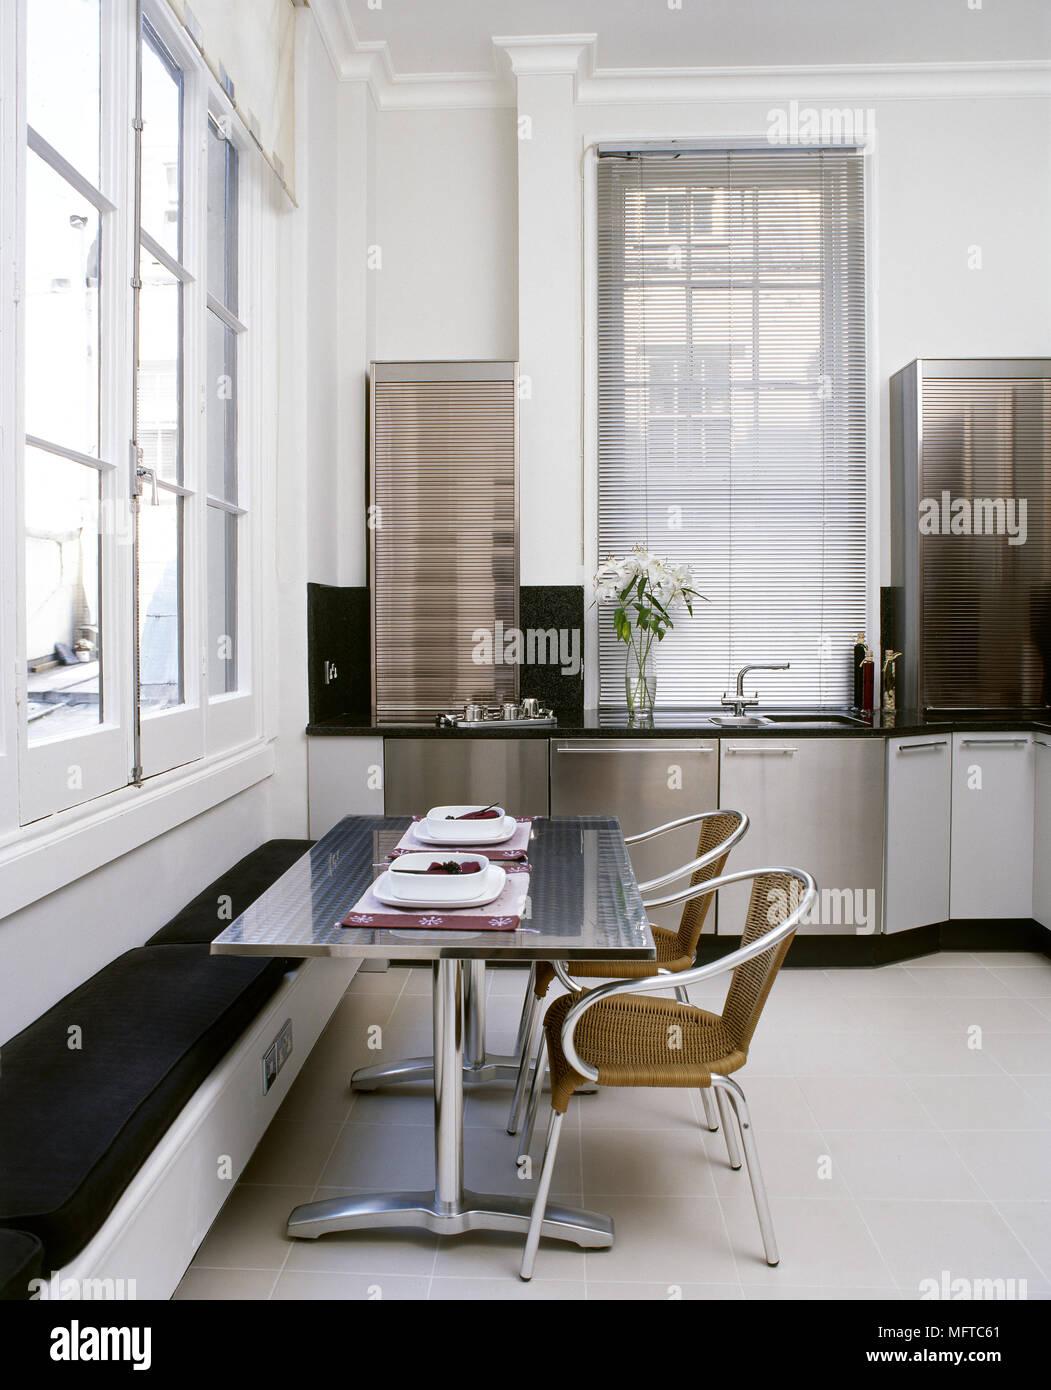 Moderne Küche mit Edelstahl Schränke, Esstisch mit ...